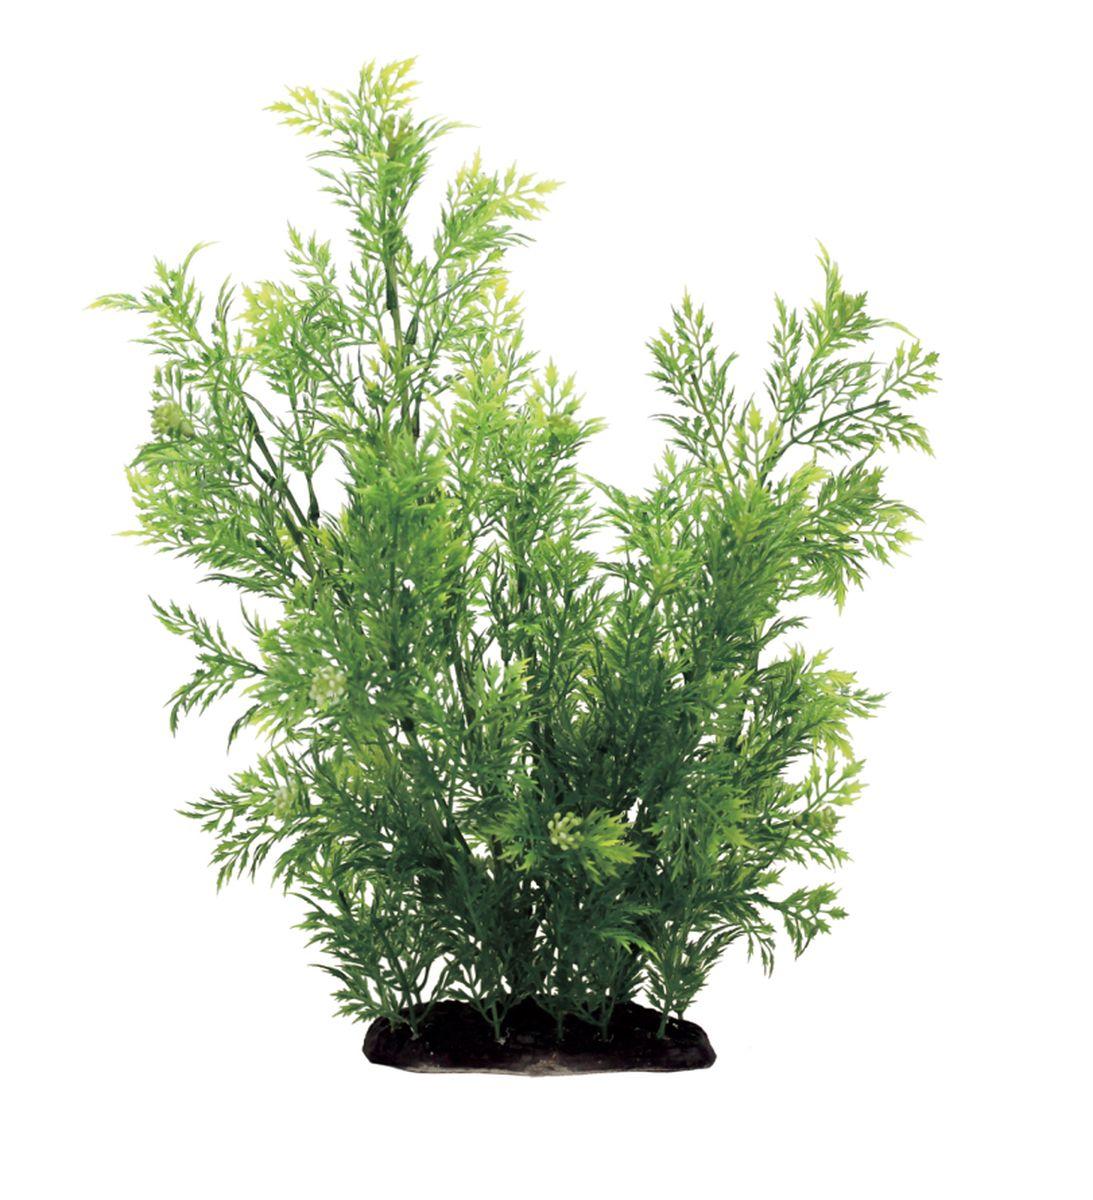 Растение для аквариума ArtUniq Лютик водный, высота 35 смART-1130111Композиция из искусственных растений ArtUniq превосходно украсит и оживит аквариум.Растения - это важная часть любой композиции, они помогут вдохнуть жизнь в ландшафт любого аквариума или террариума. А их сходствос природными порадует даже самых взыскательных ценителей.